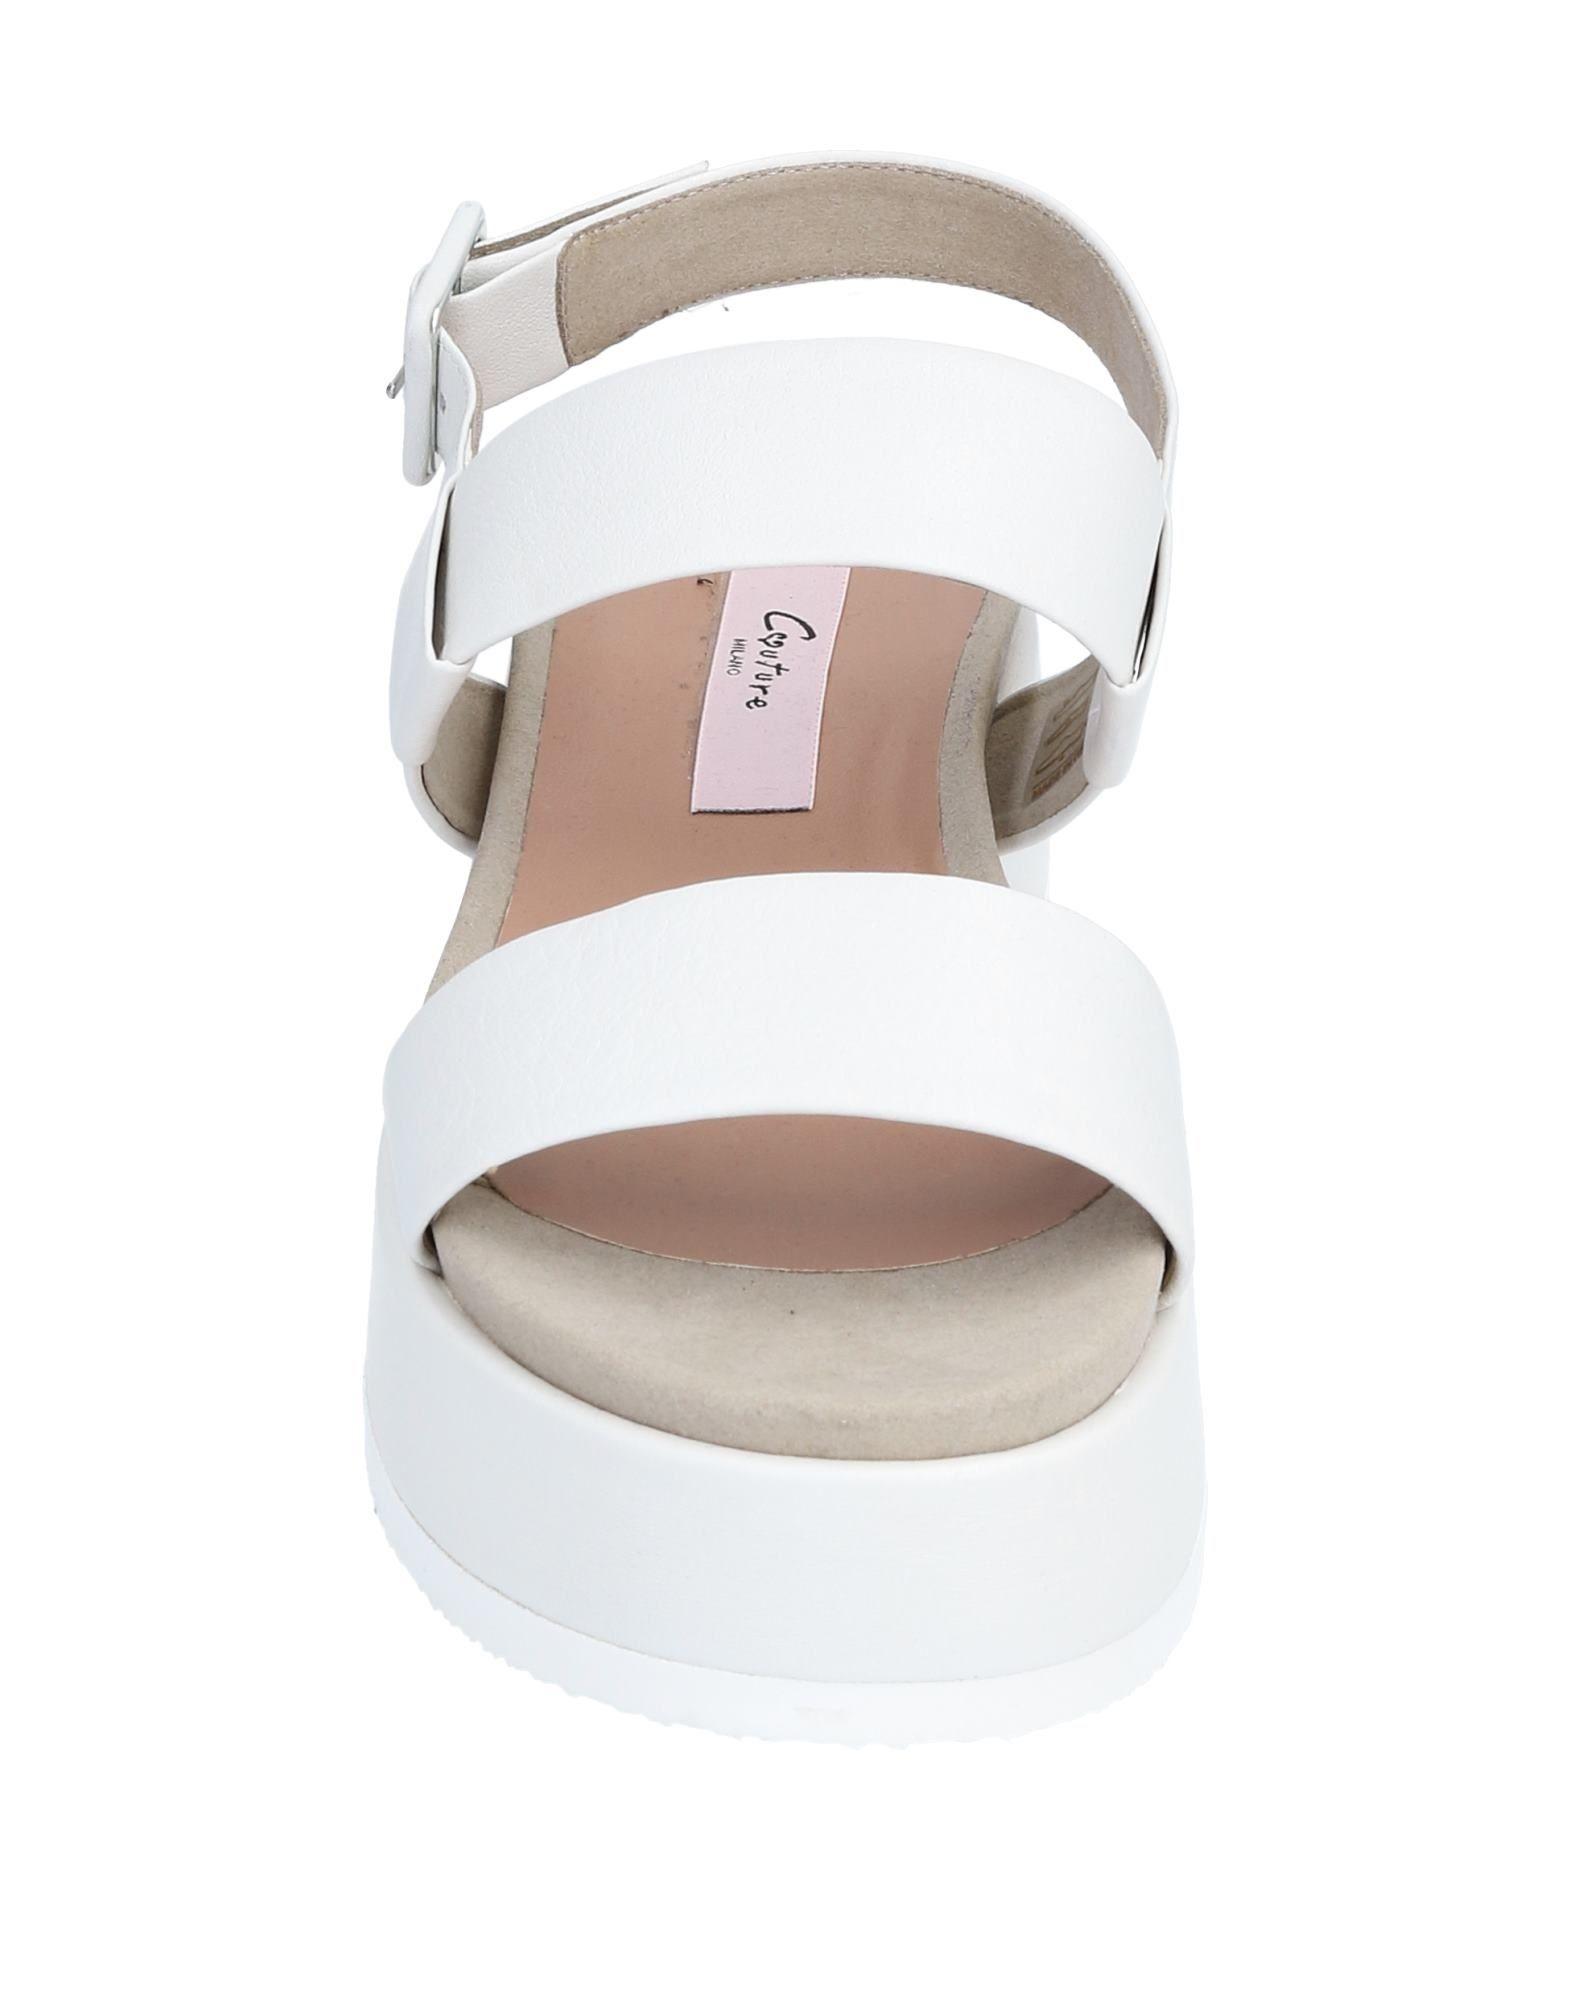 Couture Sandalen Damen Gutes Preis-Leistungs-Verhältnis, es lohnt lohnt lohnt sich 0620b3